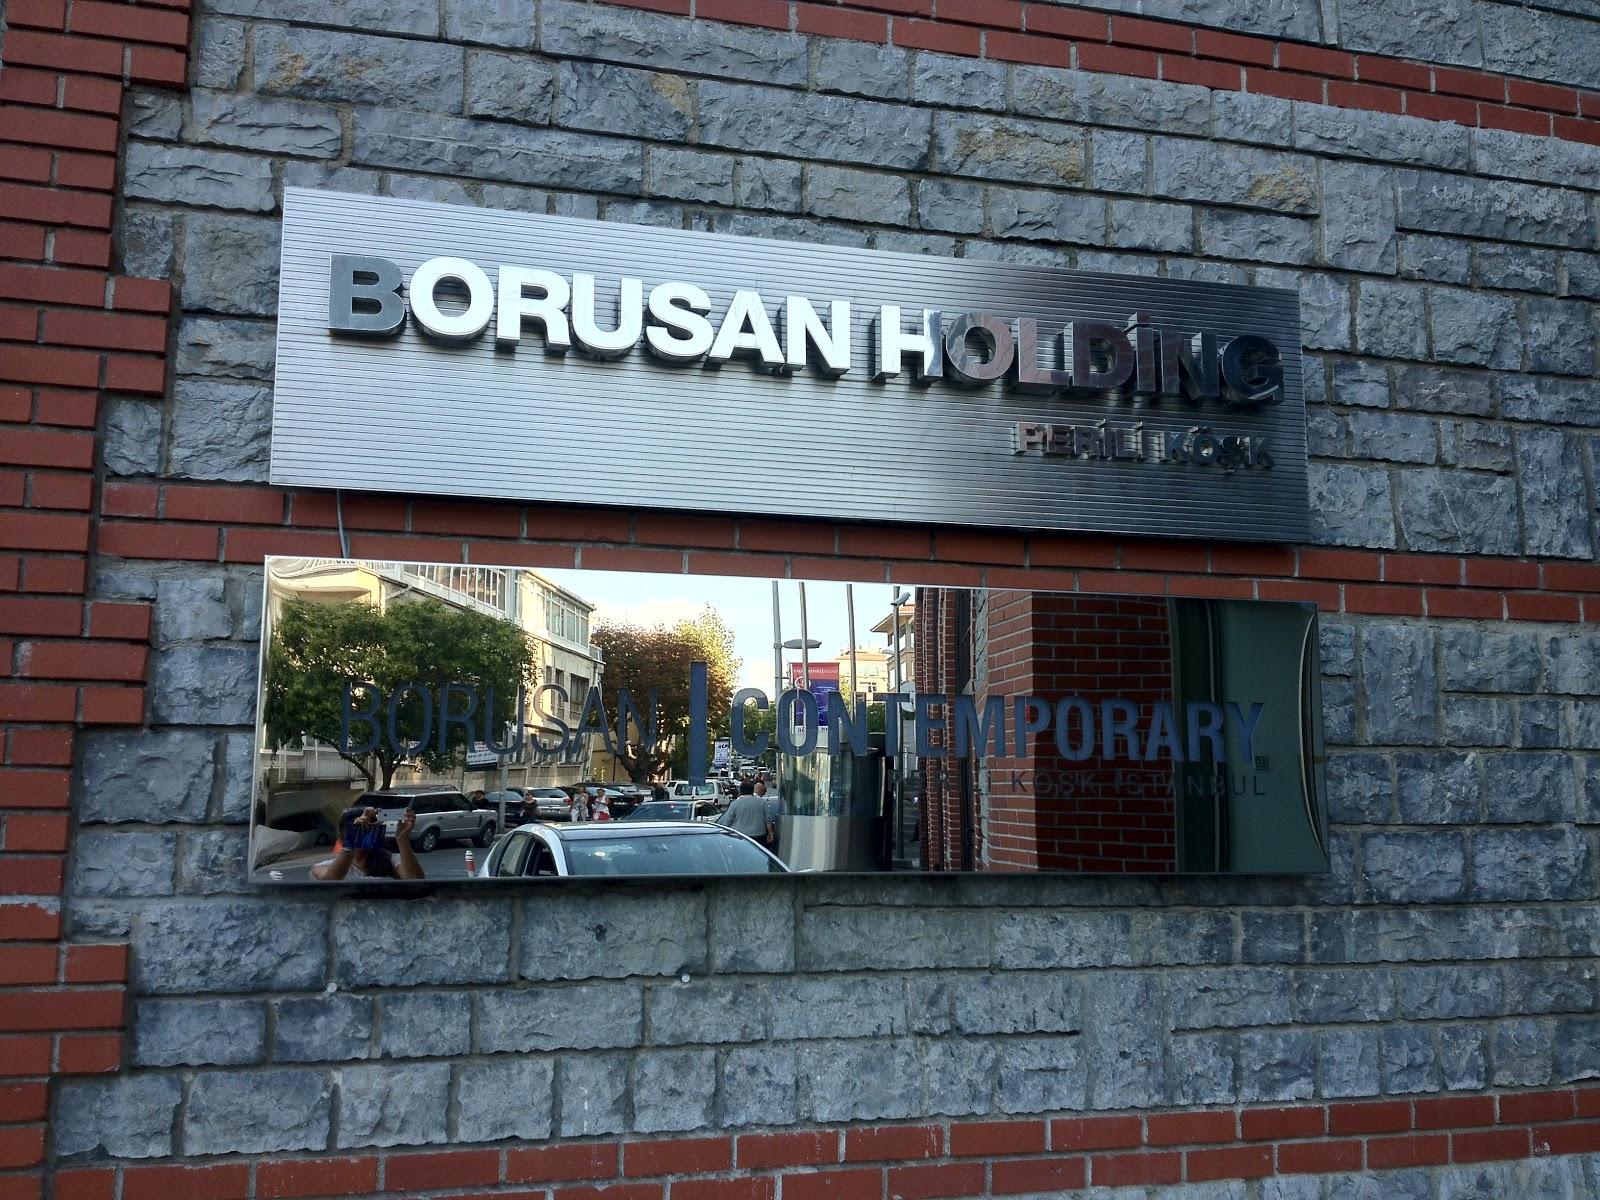 İpek in Kelebekleri: Borusan Contemporary: Art In the Office!